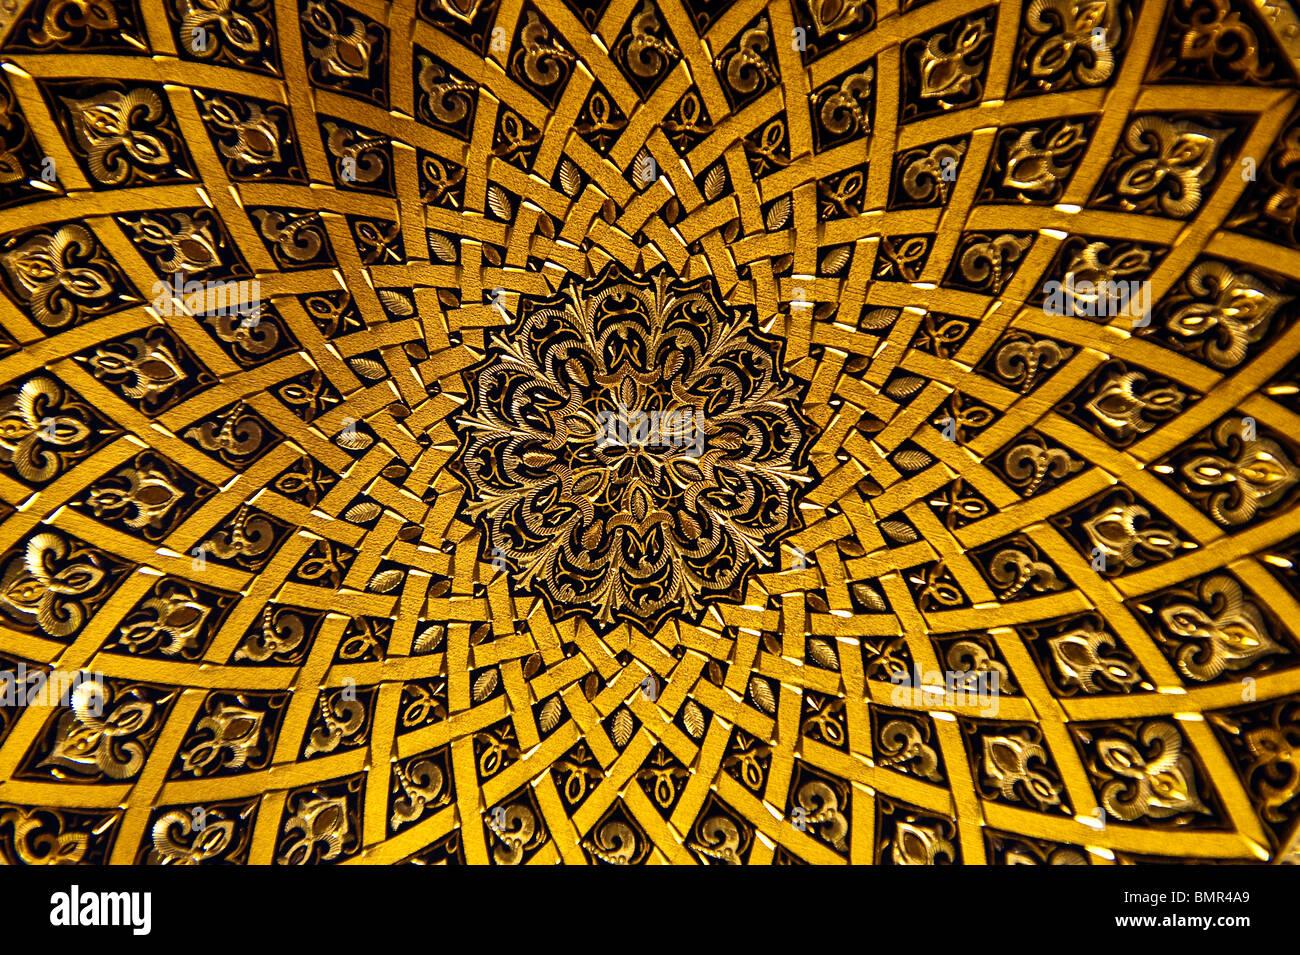 Diseño de la placa de oro con incrustaciones, Toledo, España Imagen De Stock